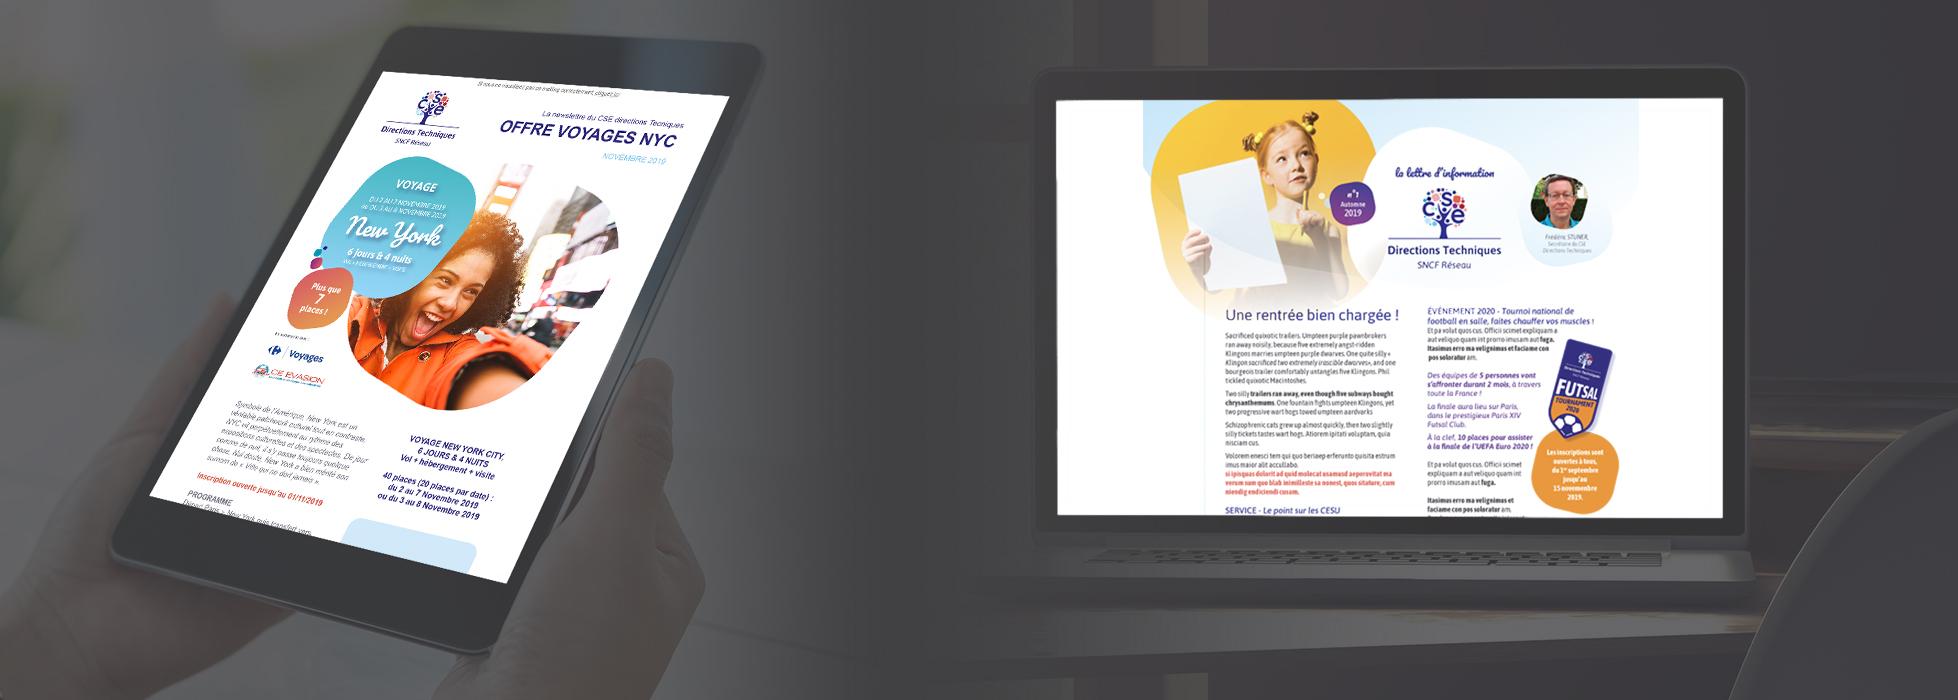 Communication digitale - CSE Direction Technique (SNCF Réseau)